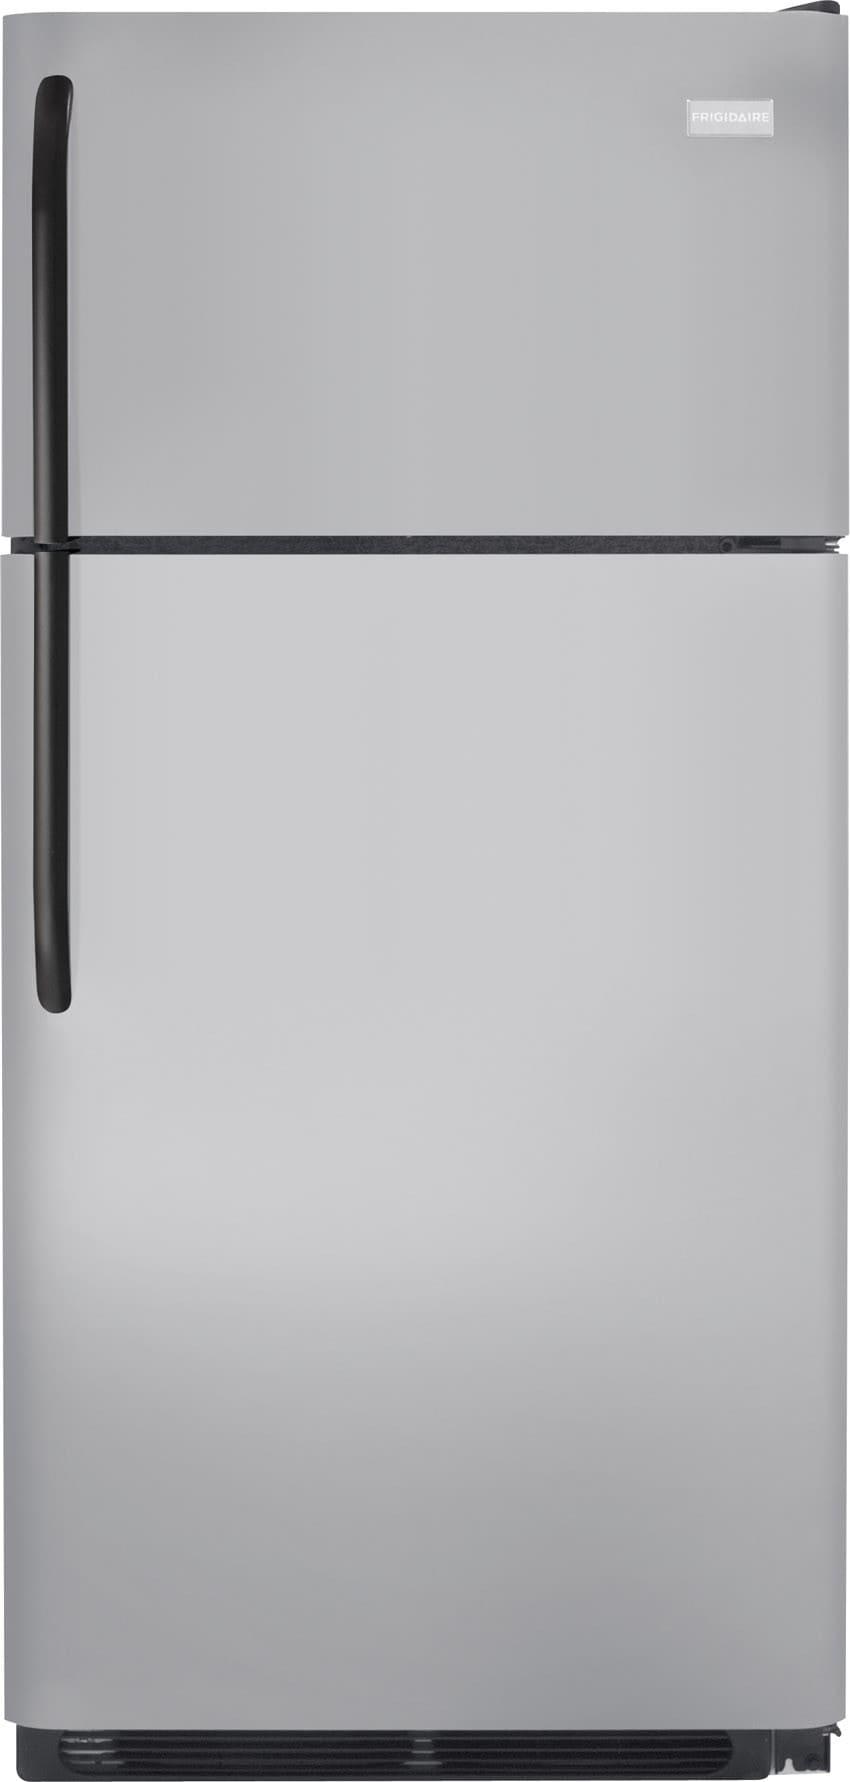 Frigidaire Fftr1821qm 30 Inch Top Freezer Refrigerator